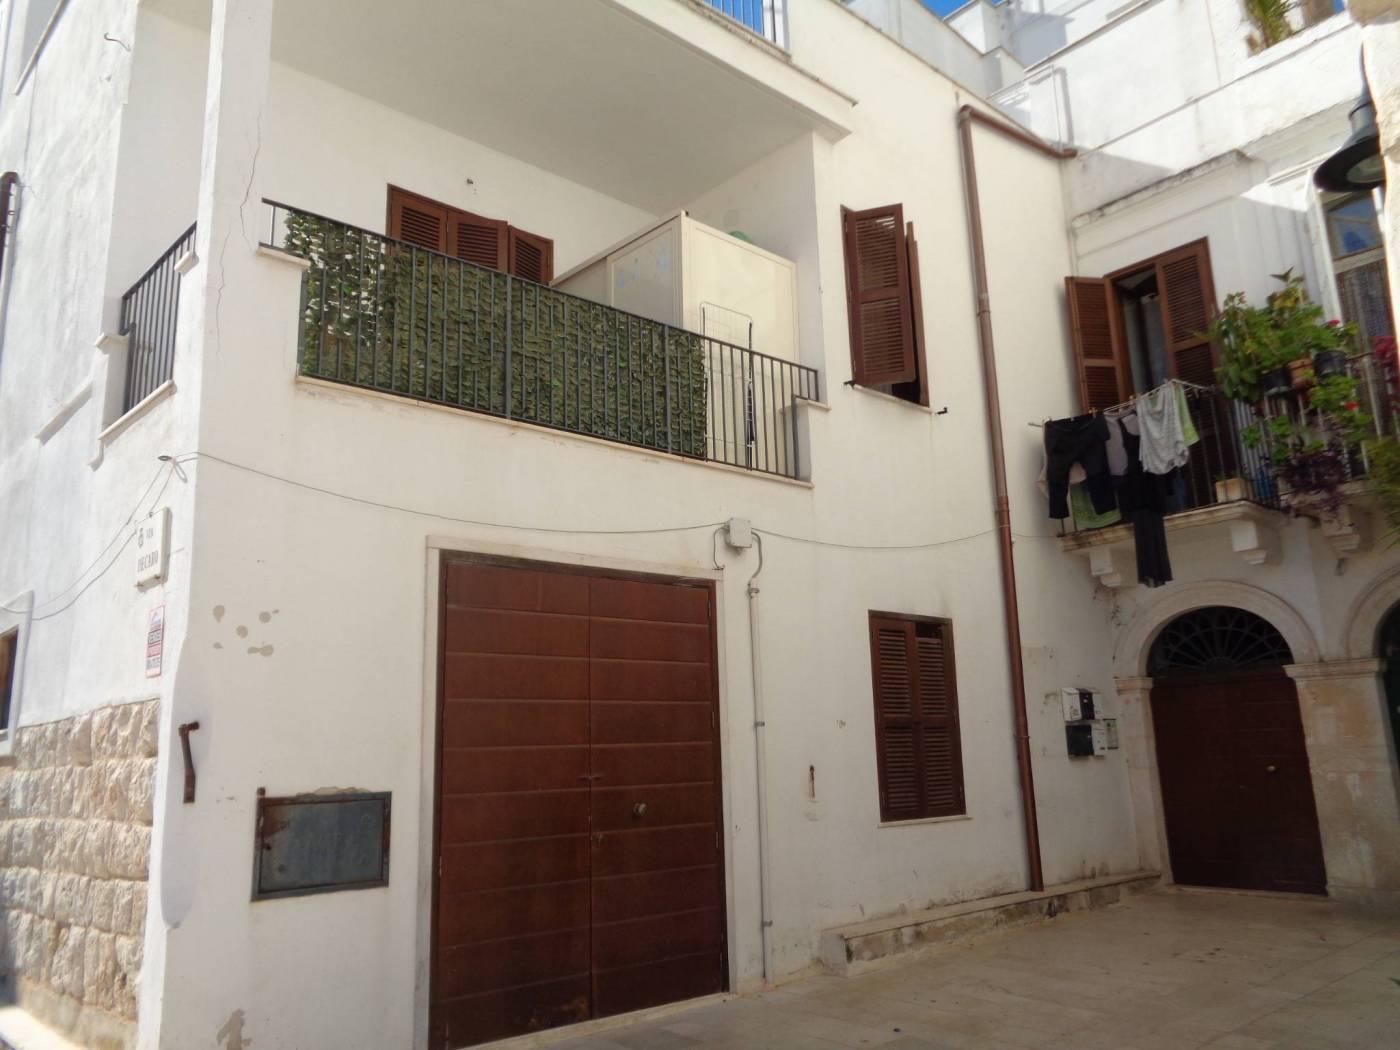 Appartamento in vendita a Noicàttaro, 2 locali, prezzo € 75.000 | PortaleAgenzieImmobiliari.it